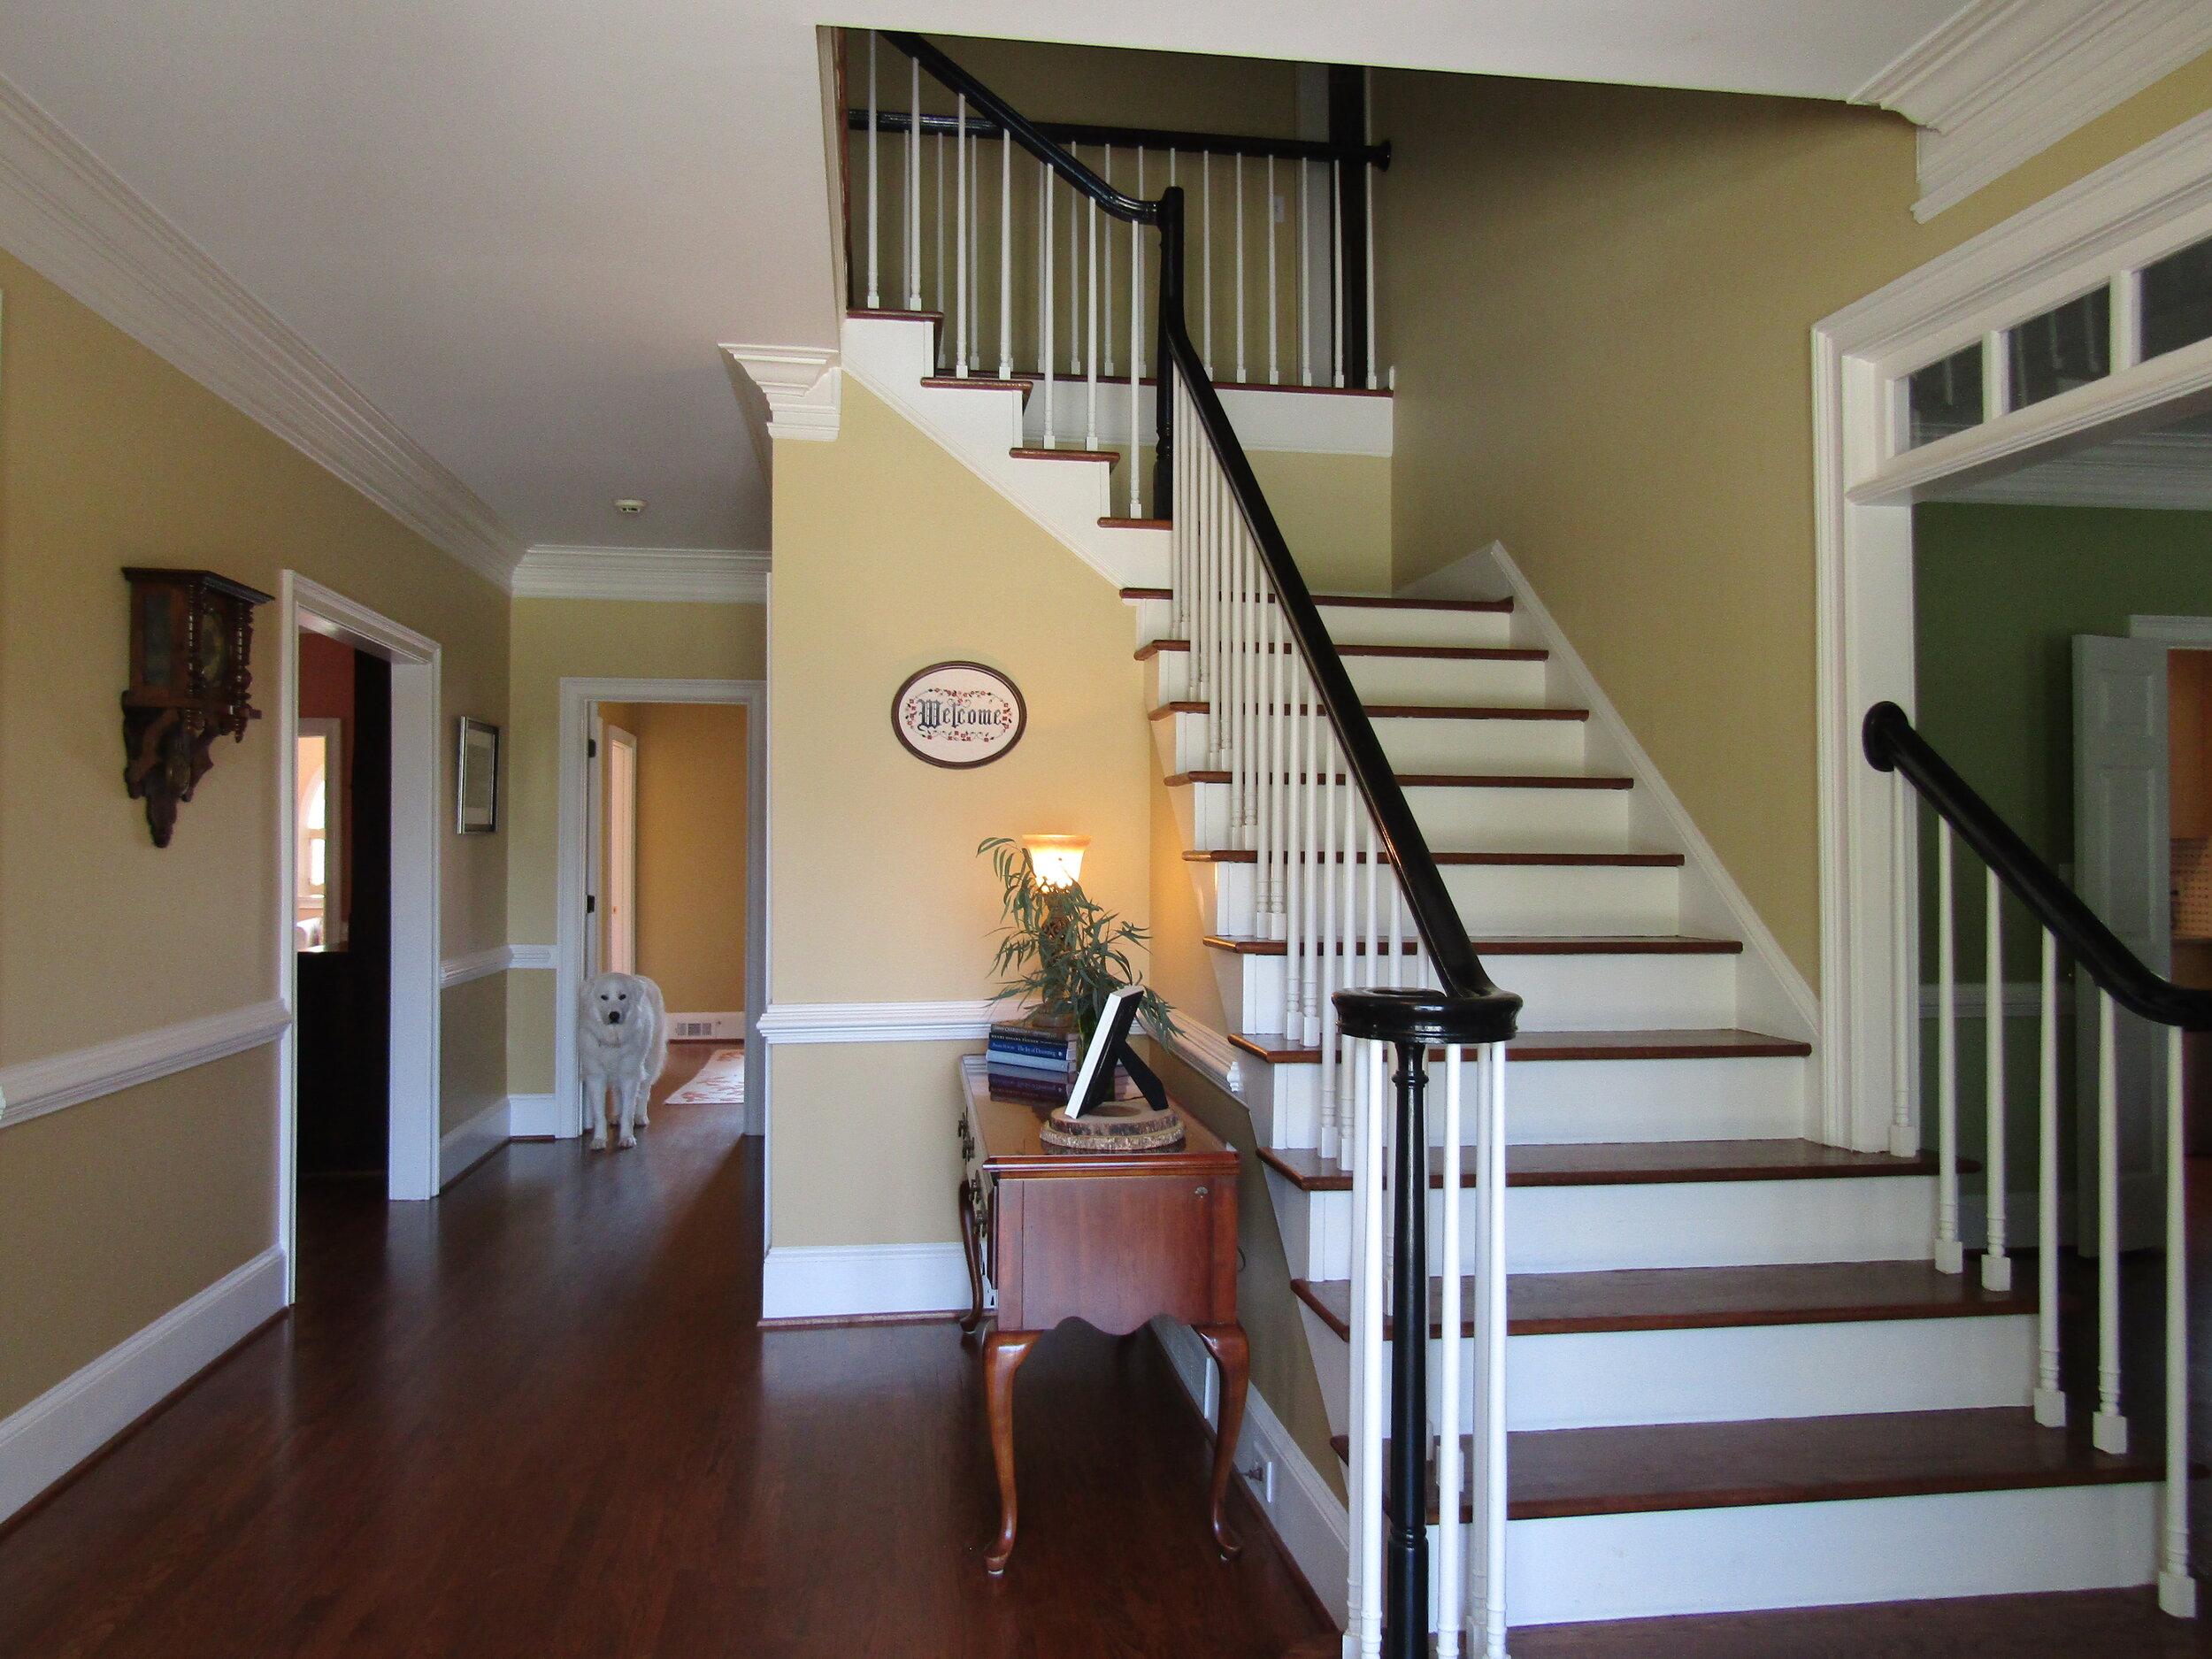 bk-designs-atlanta-ga-interior-design-inviting-entryways